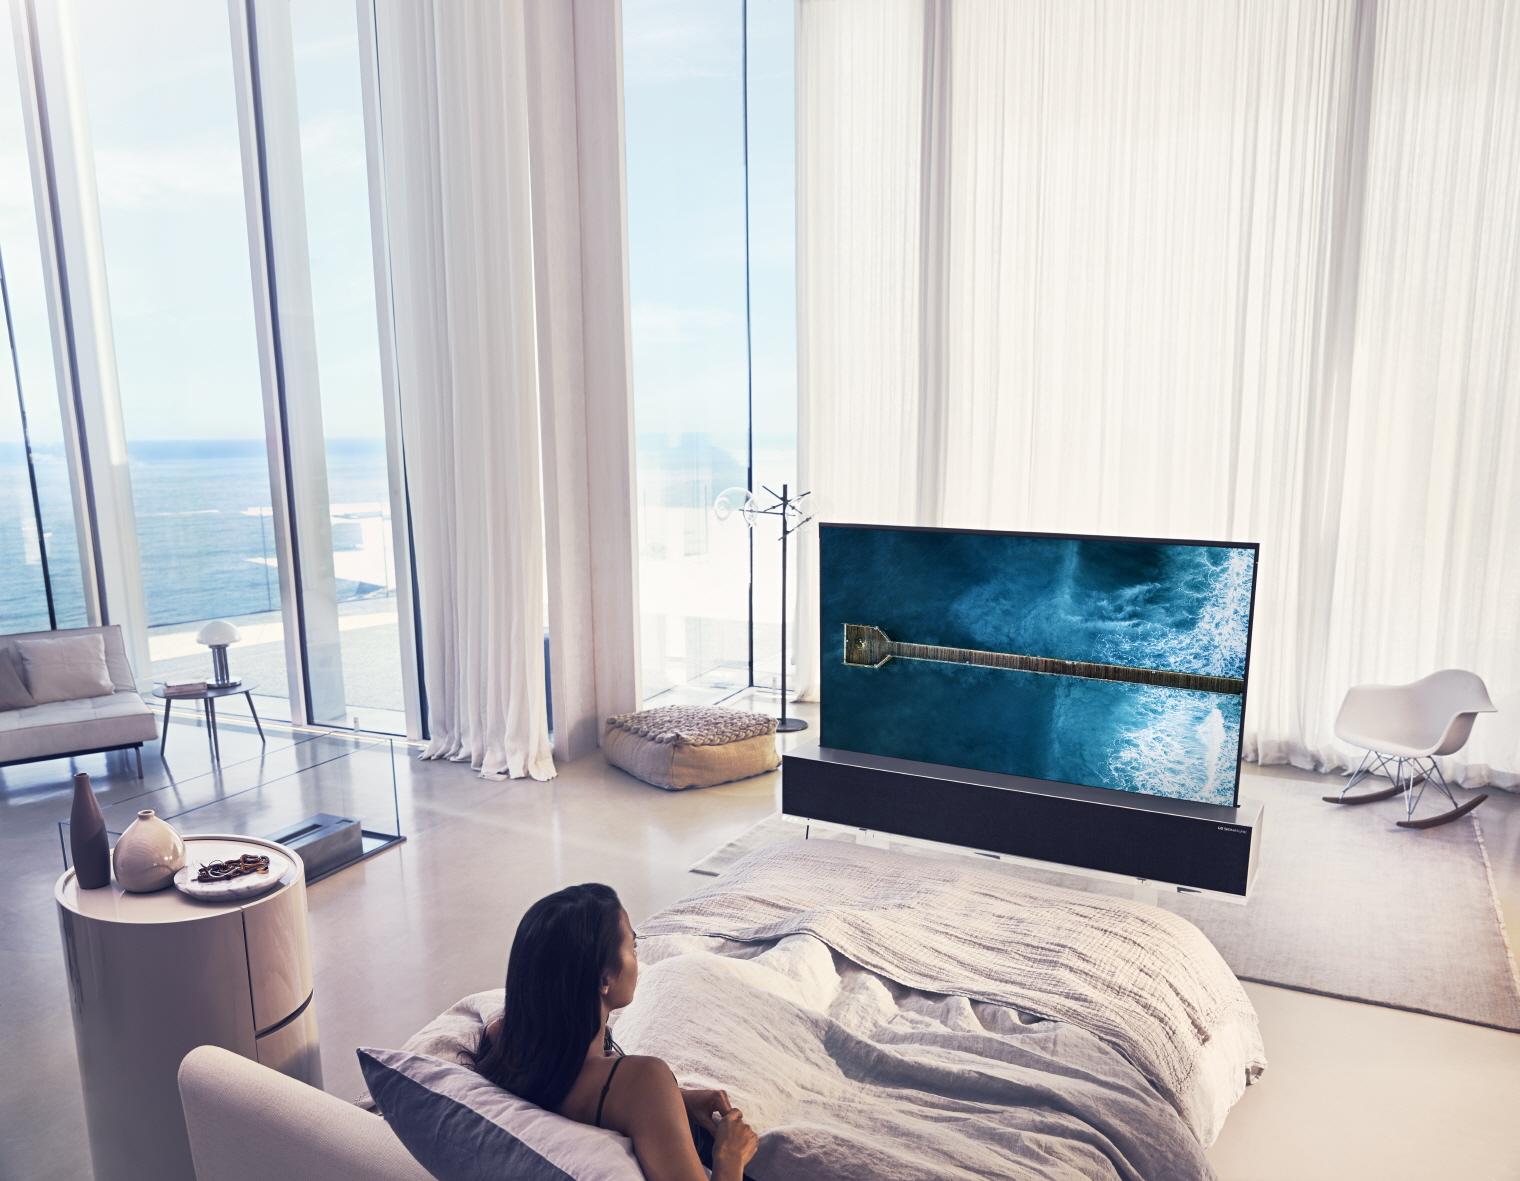 LGнаучилась сворачивать телевизор втрубочку — новая модель